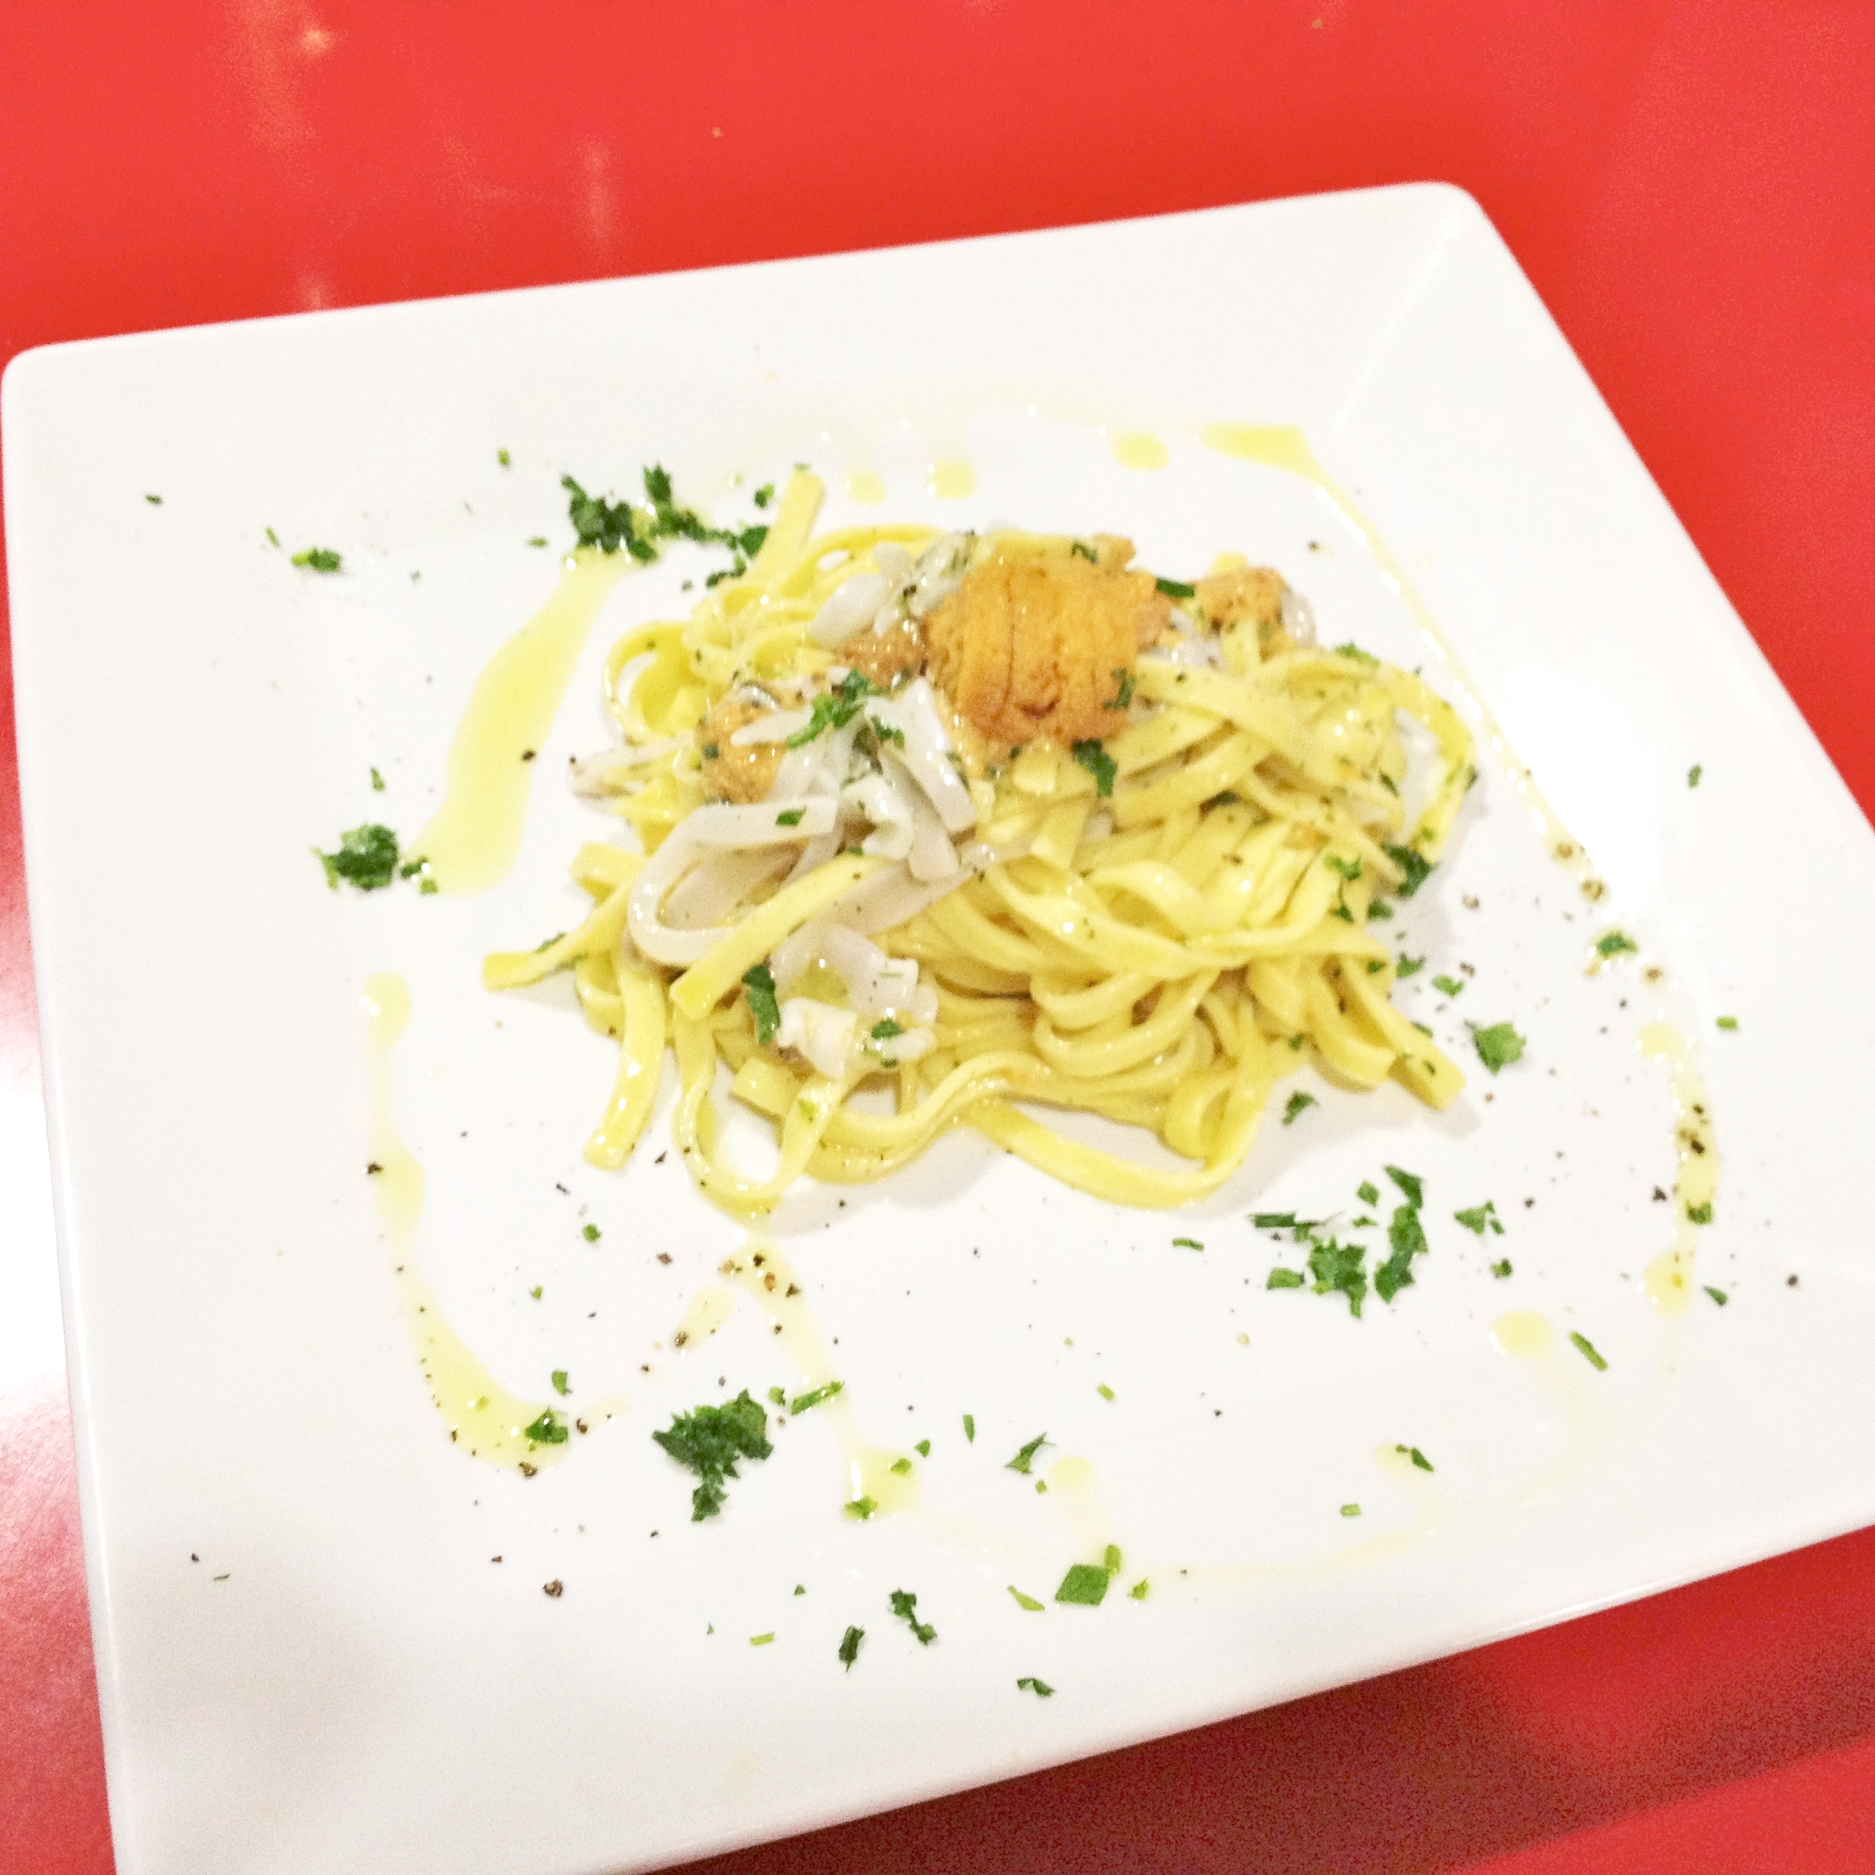 Squid Sea urchin lemon pasta